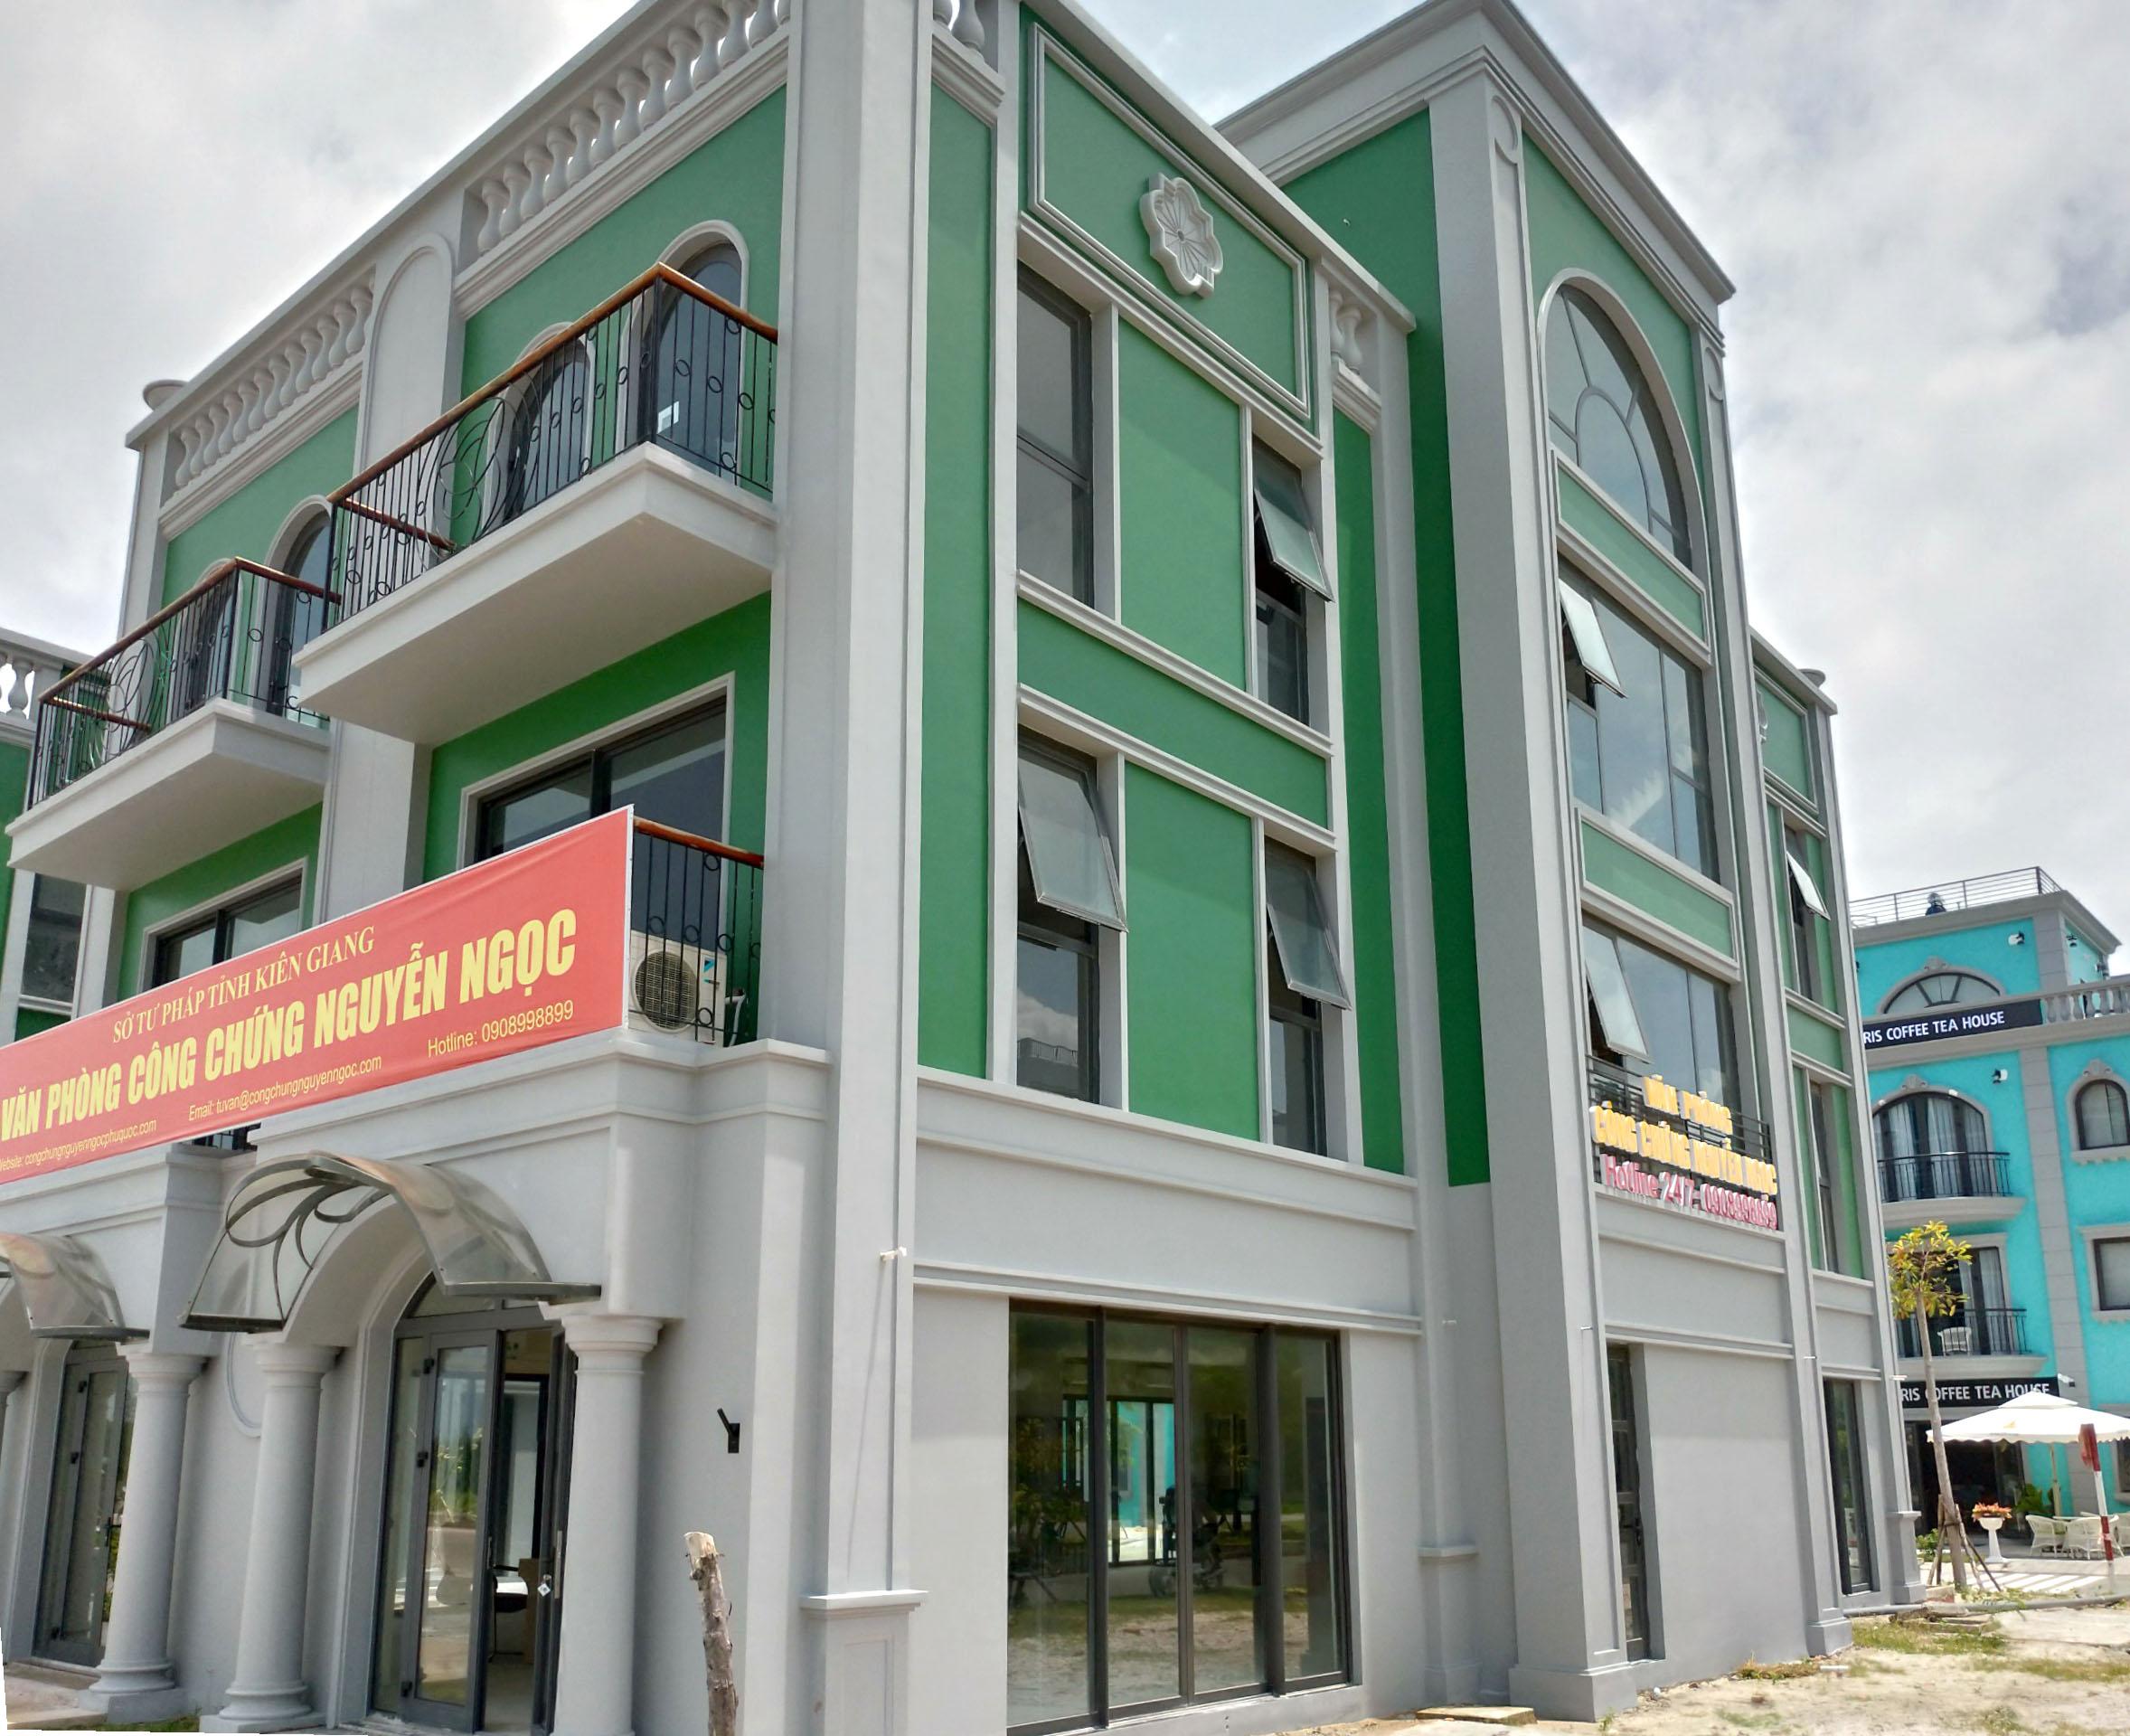 Trụ sở văn phòng công chứng Nguyễn Ngọc